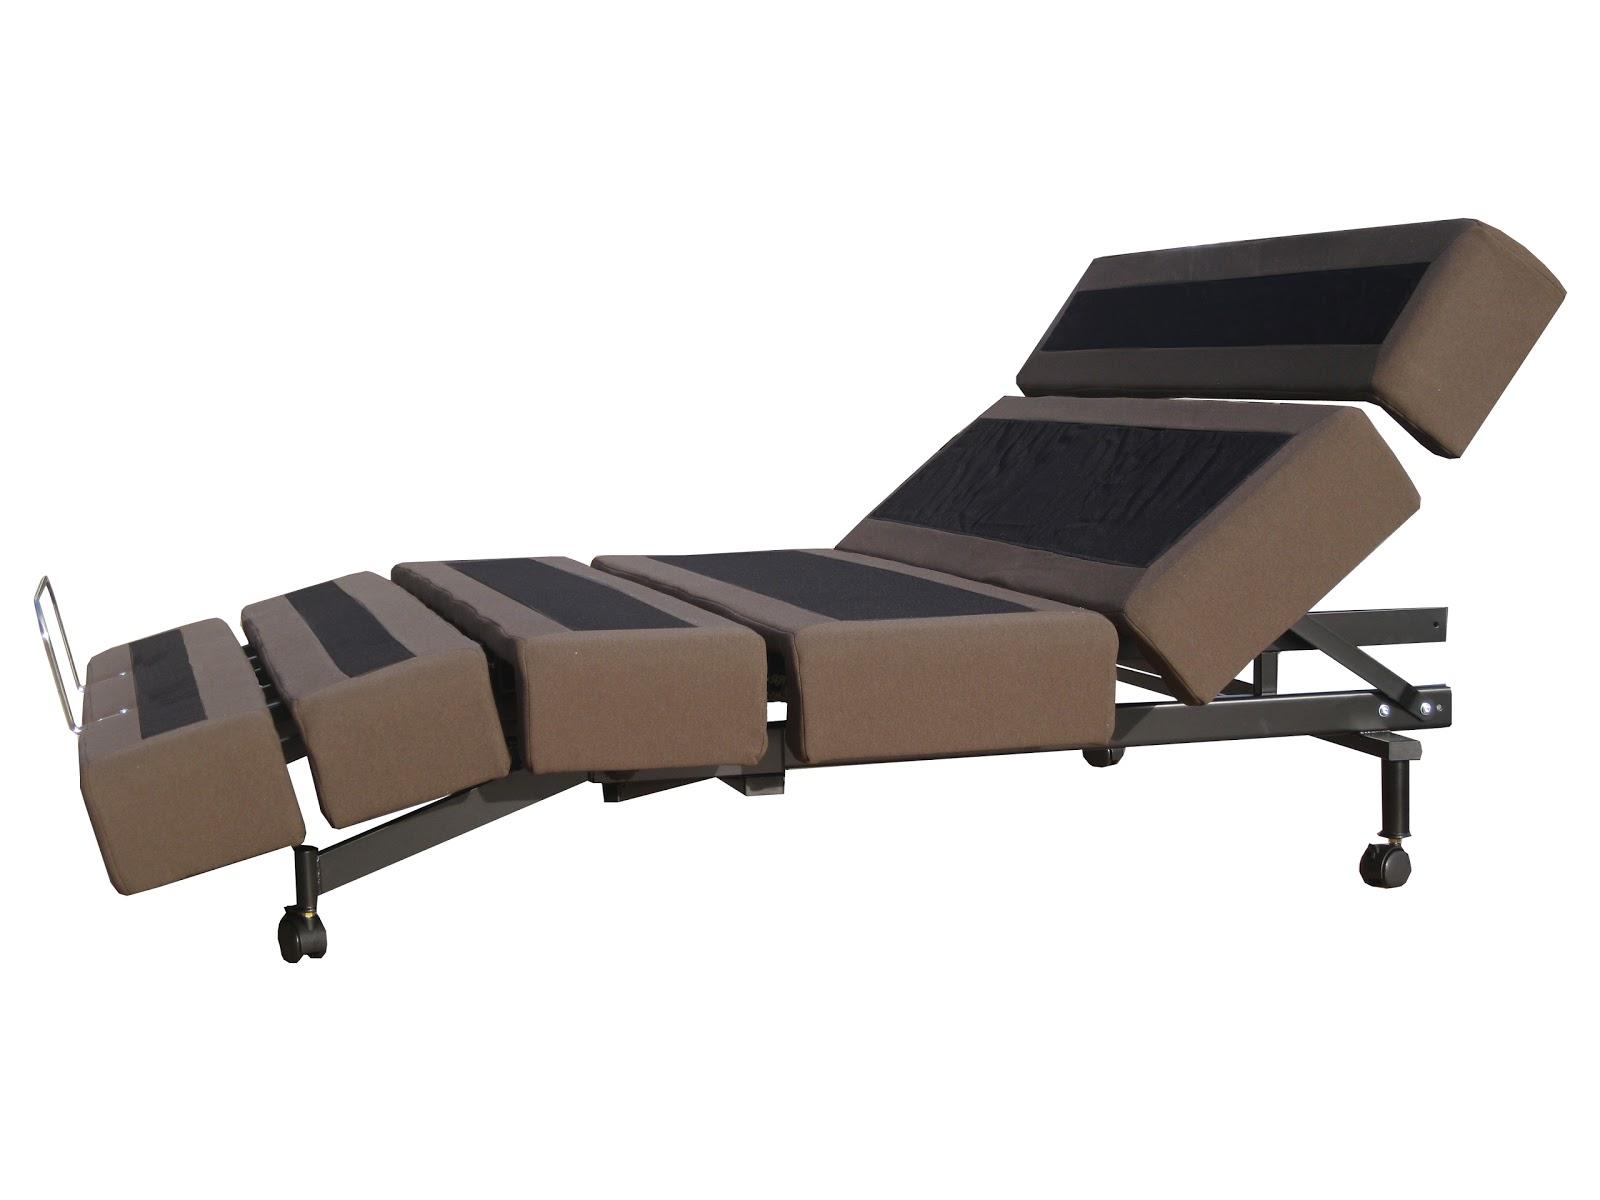 icare 6 adjustable bed base lake mattress. Black Bedroom Furniture Sets. Home Design Ideas